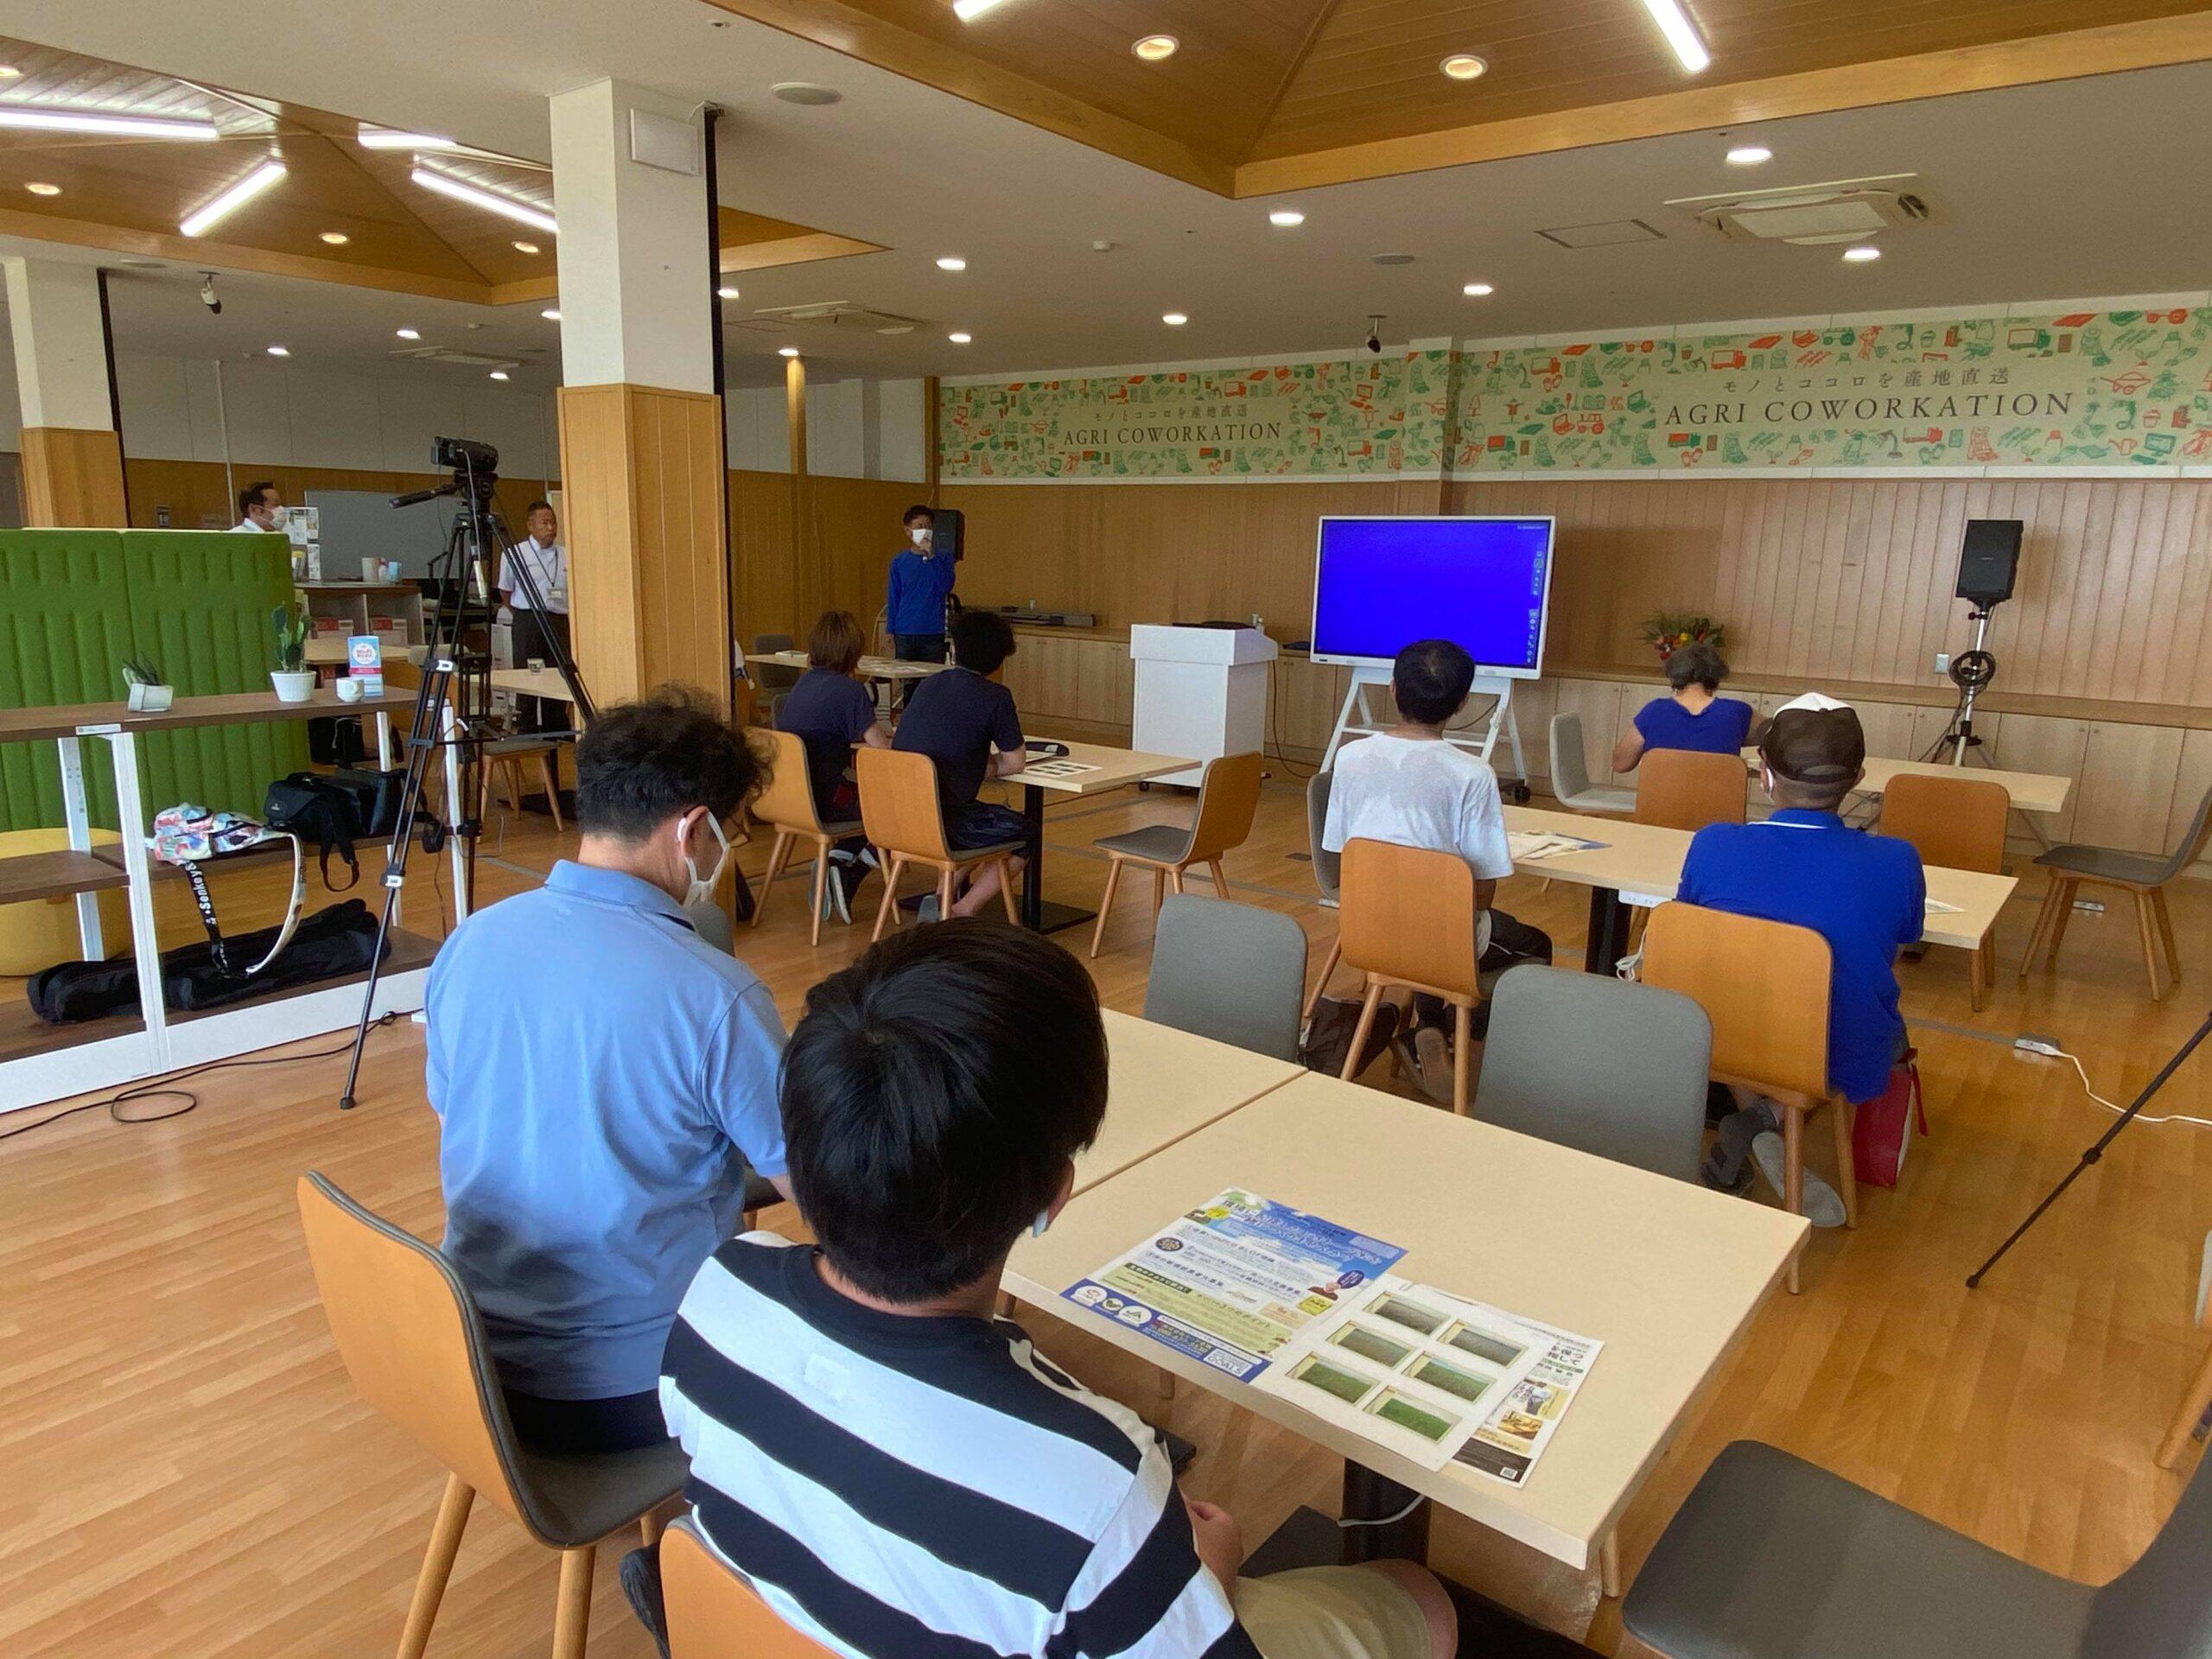 7月31日「BLOF勉強会【生態系の調和を保つ米づくりを目指して】」を実施